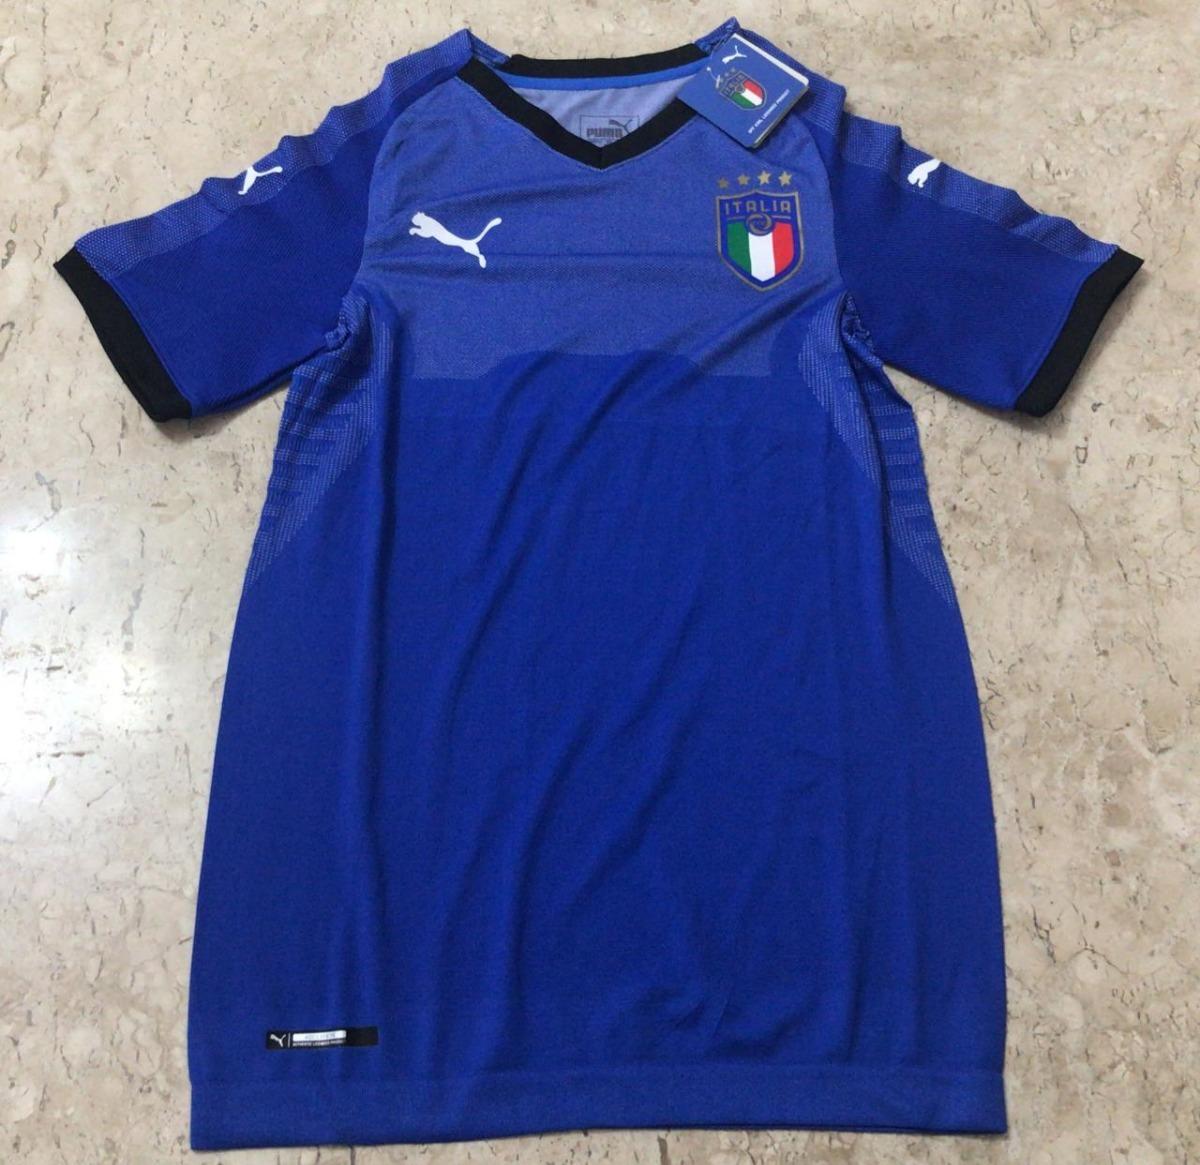 camisa seleção itália 2018 modelo jogador - pronta entrega! Carregando zoom. ff1fc8a2d0828